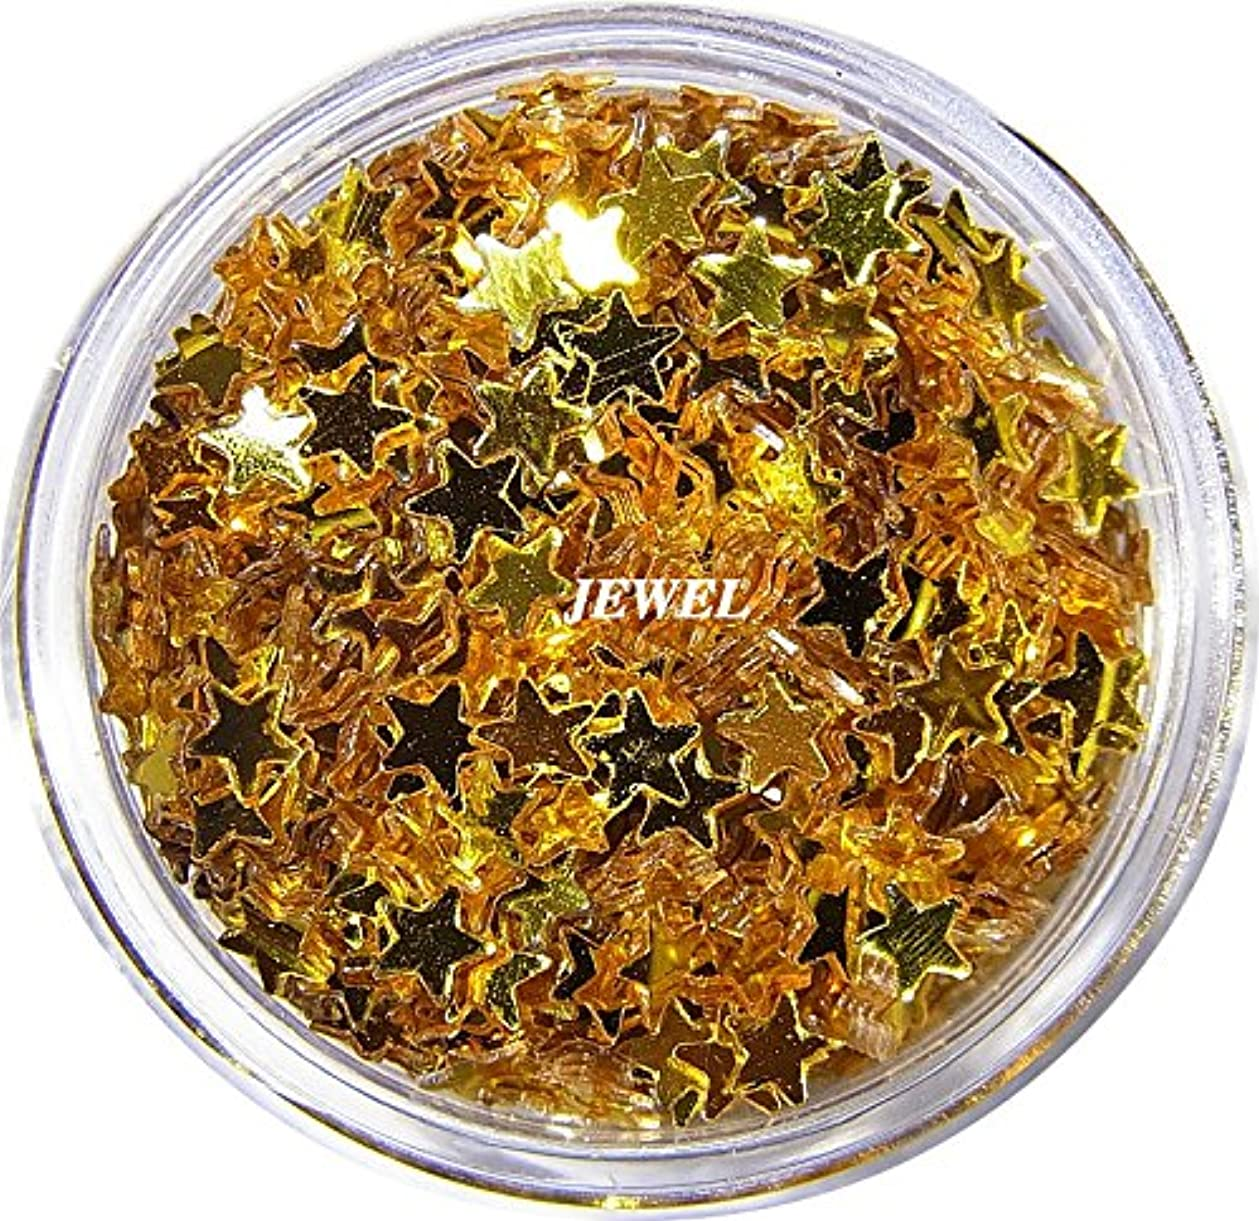 のホストカウボーイひばり【jewel】 星ホログラム 2.5mm スター たっぷり2g入り 12色から選択可能 レジン&ネイル用 (ゴールド)